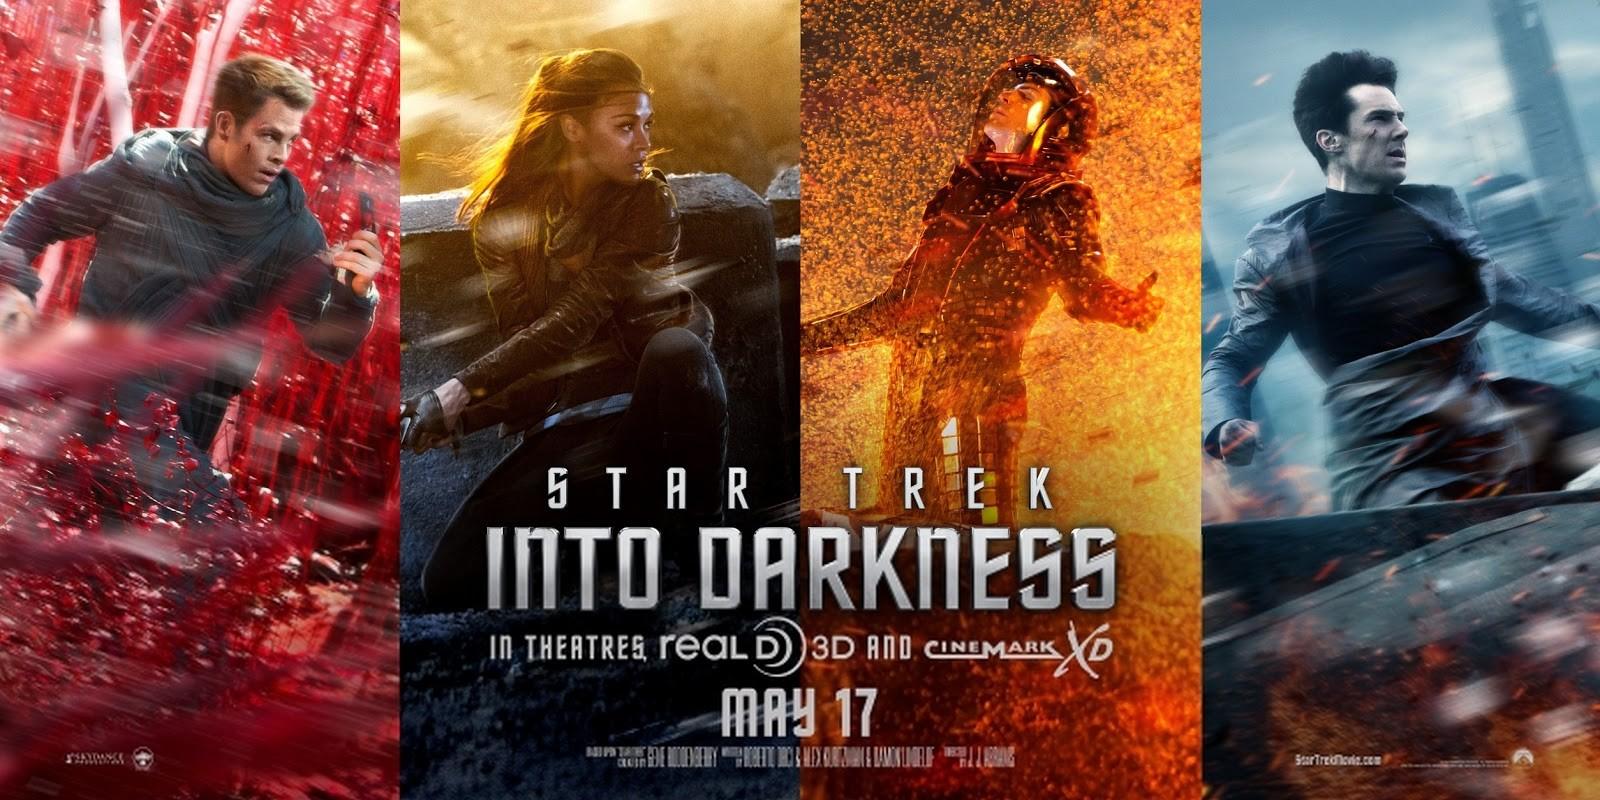 star-trek-into-darkness-pstr07.jpg